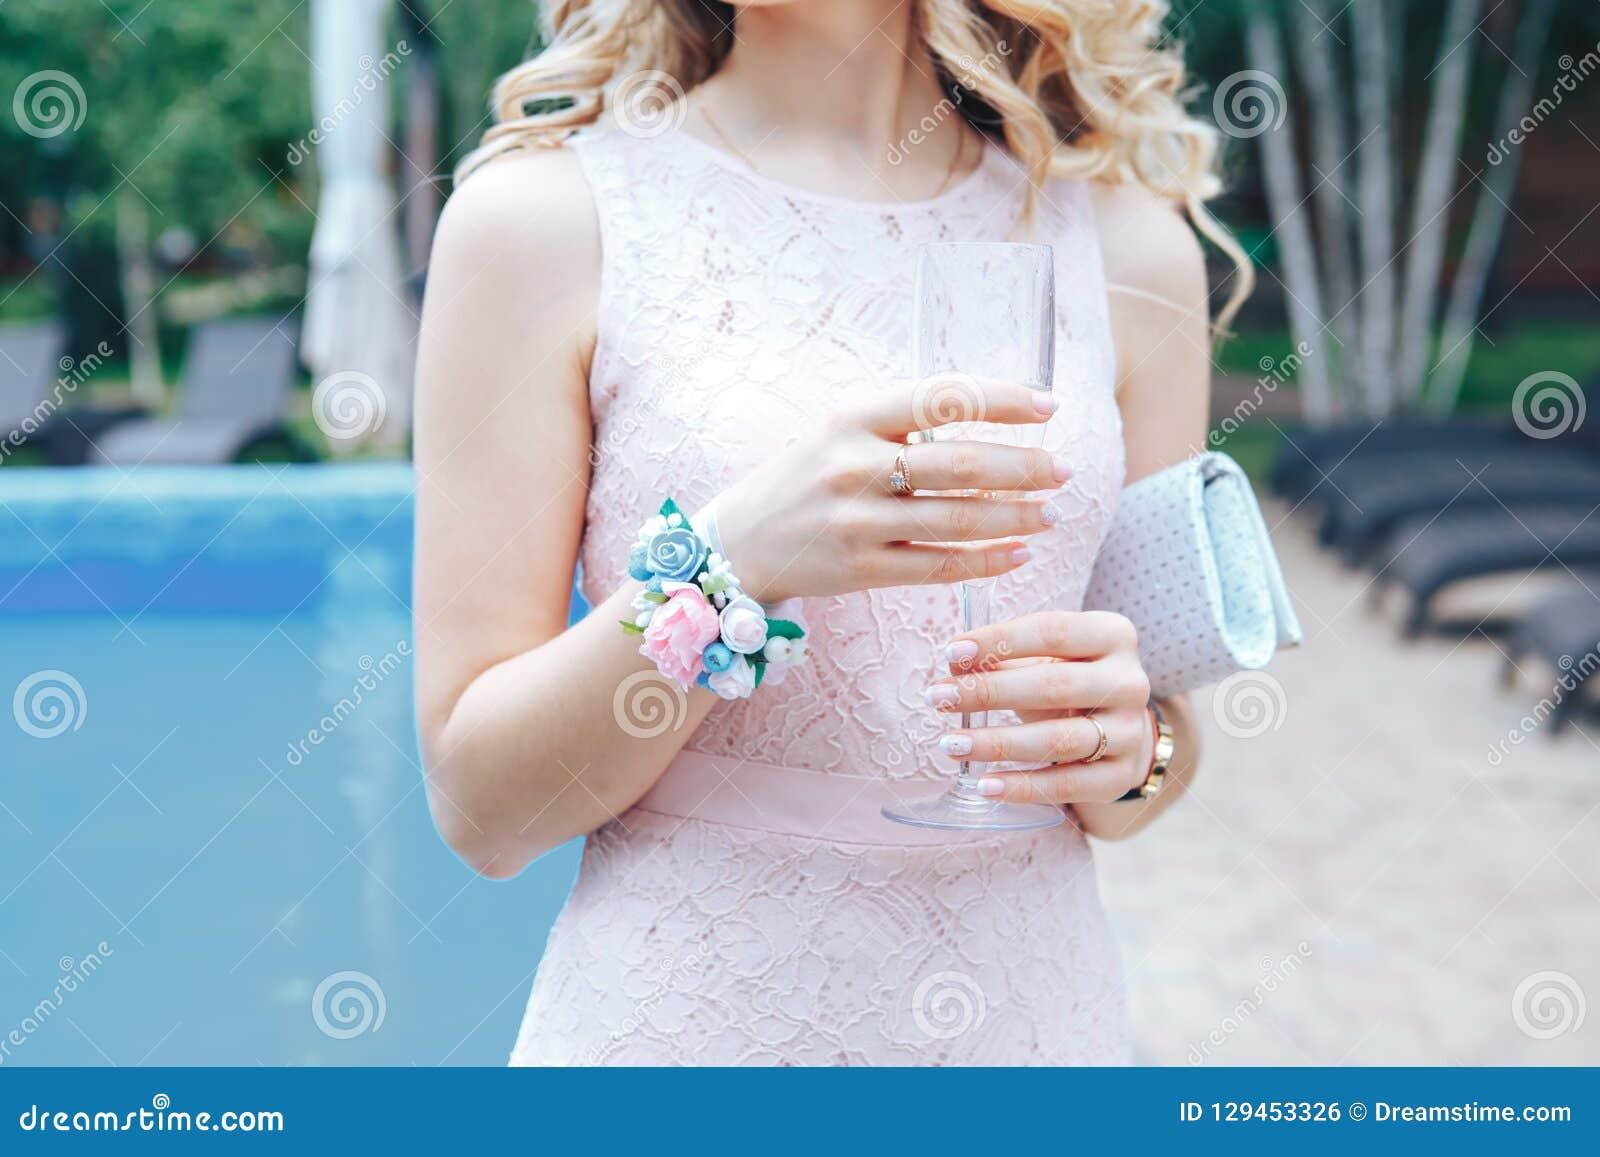 Dama de honor con un vidrio de champán Bebidas alcohólicas en la recepción después de la ceremonia de boda